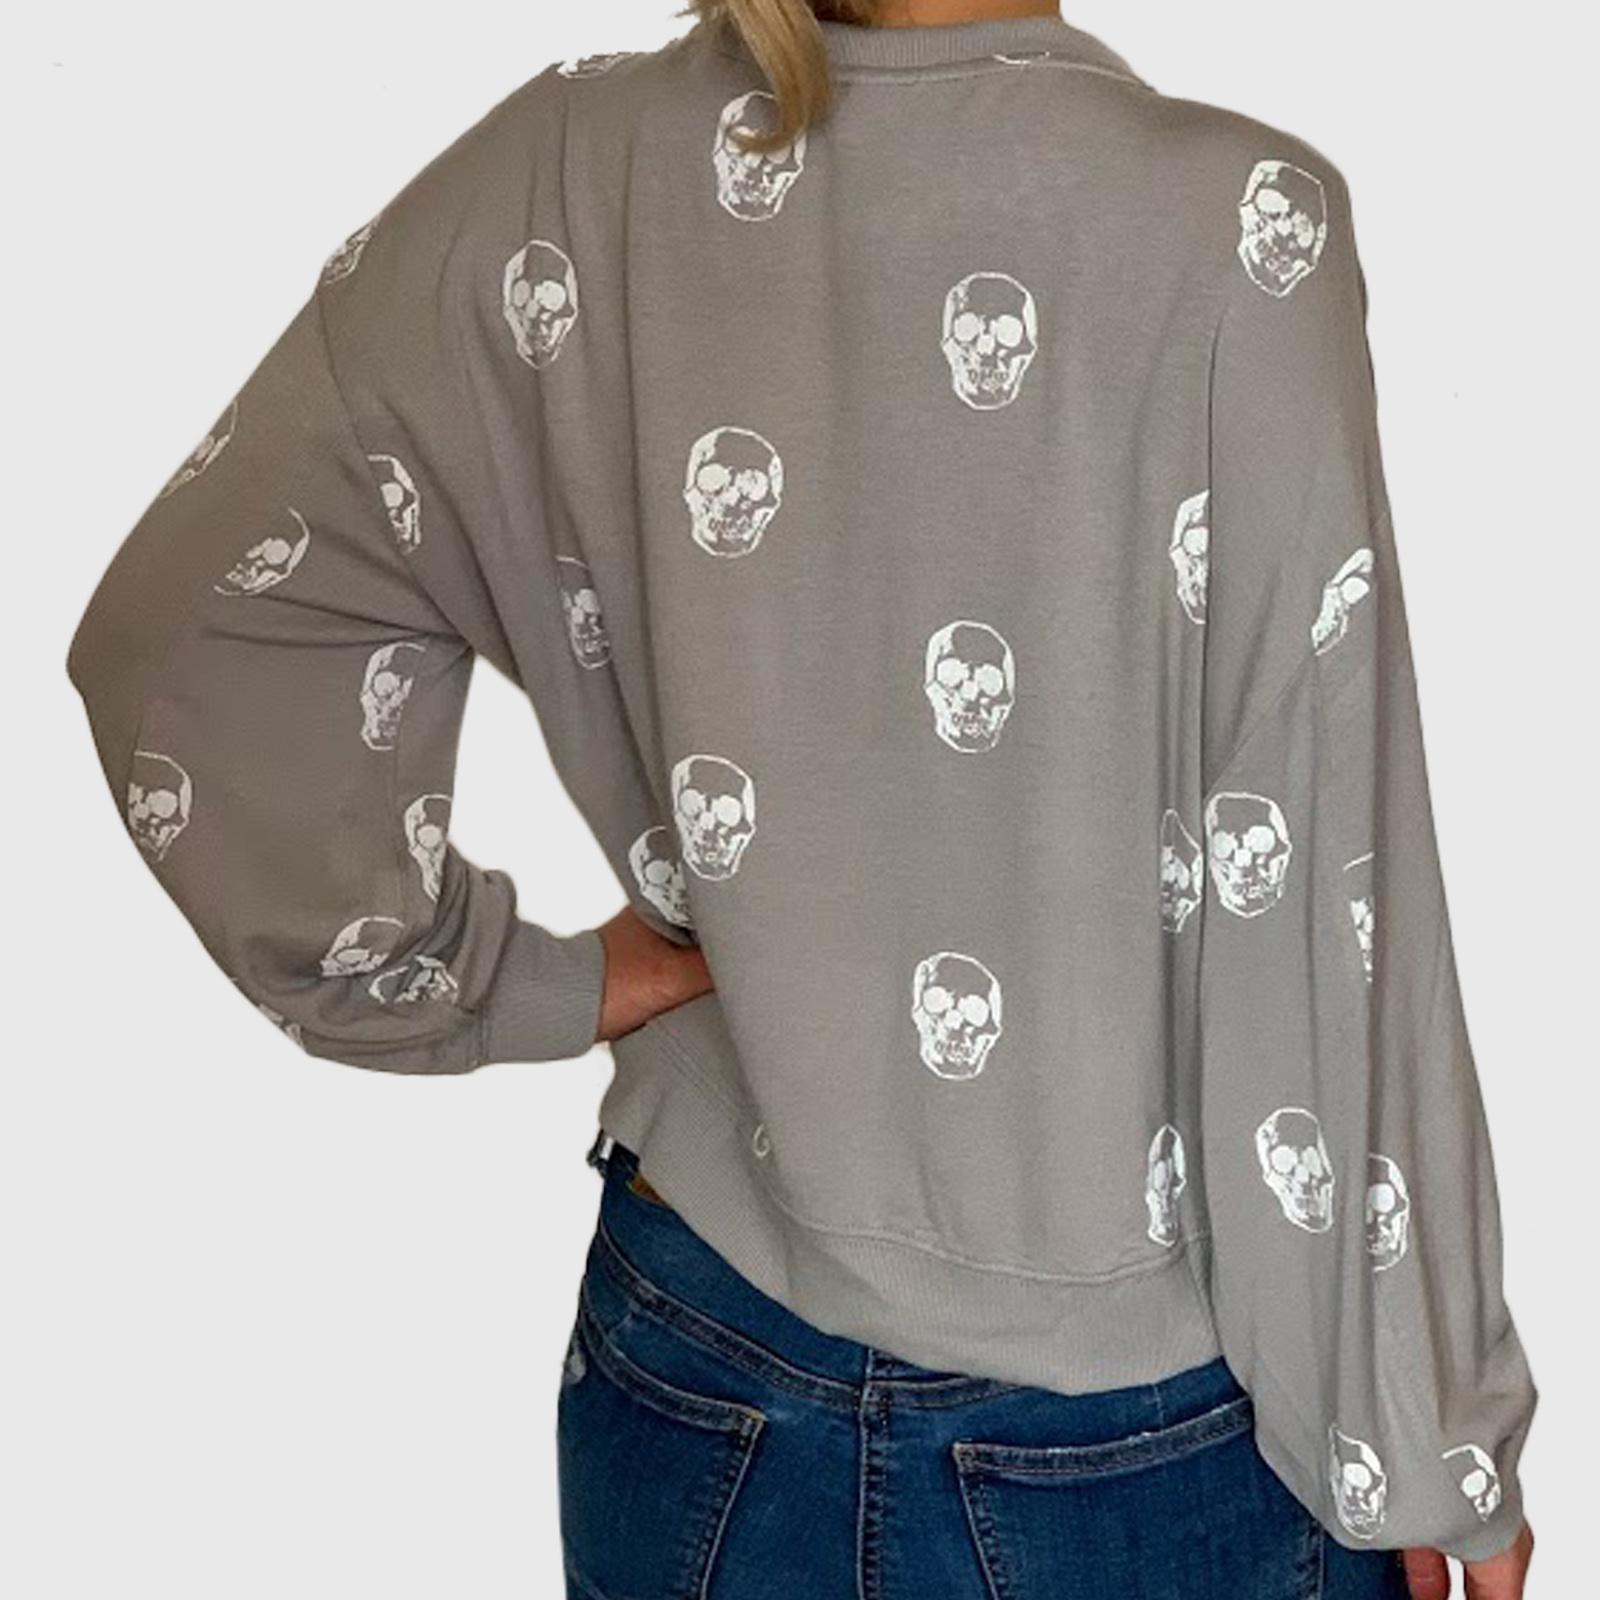 Женская молодежная кофта свитшот с принтами черепами